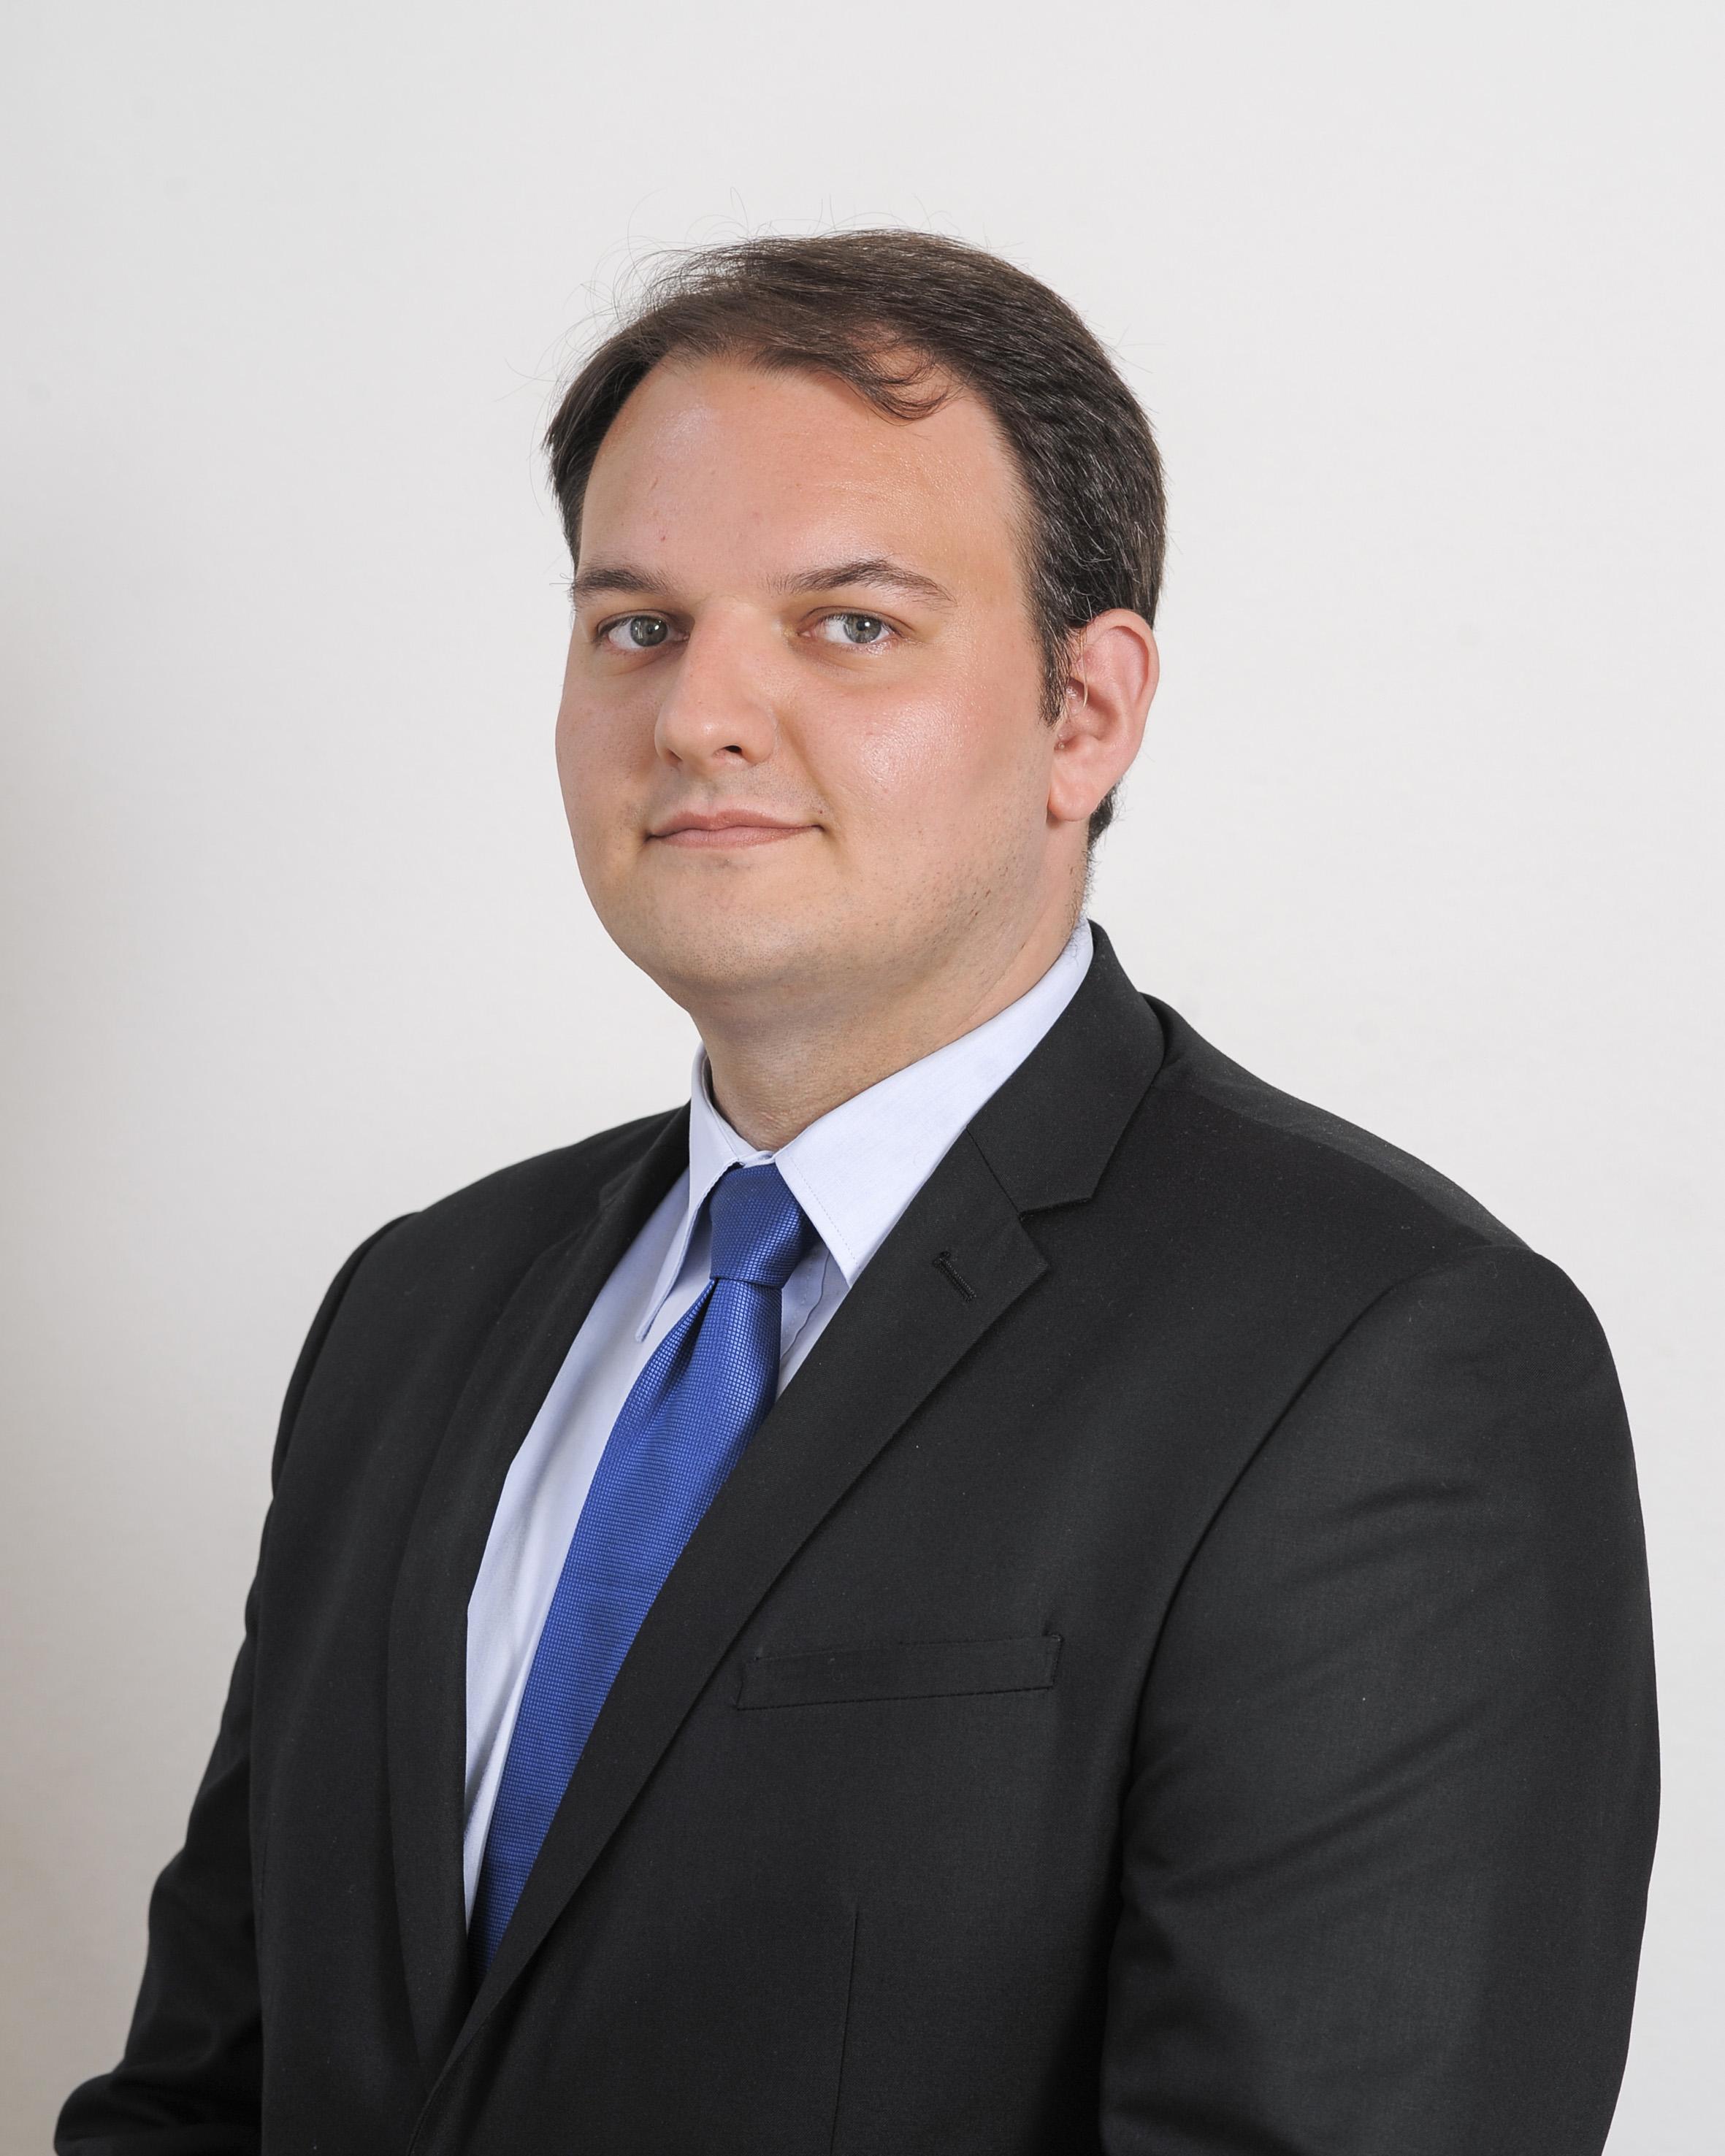 Nicolas Corsi